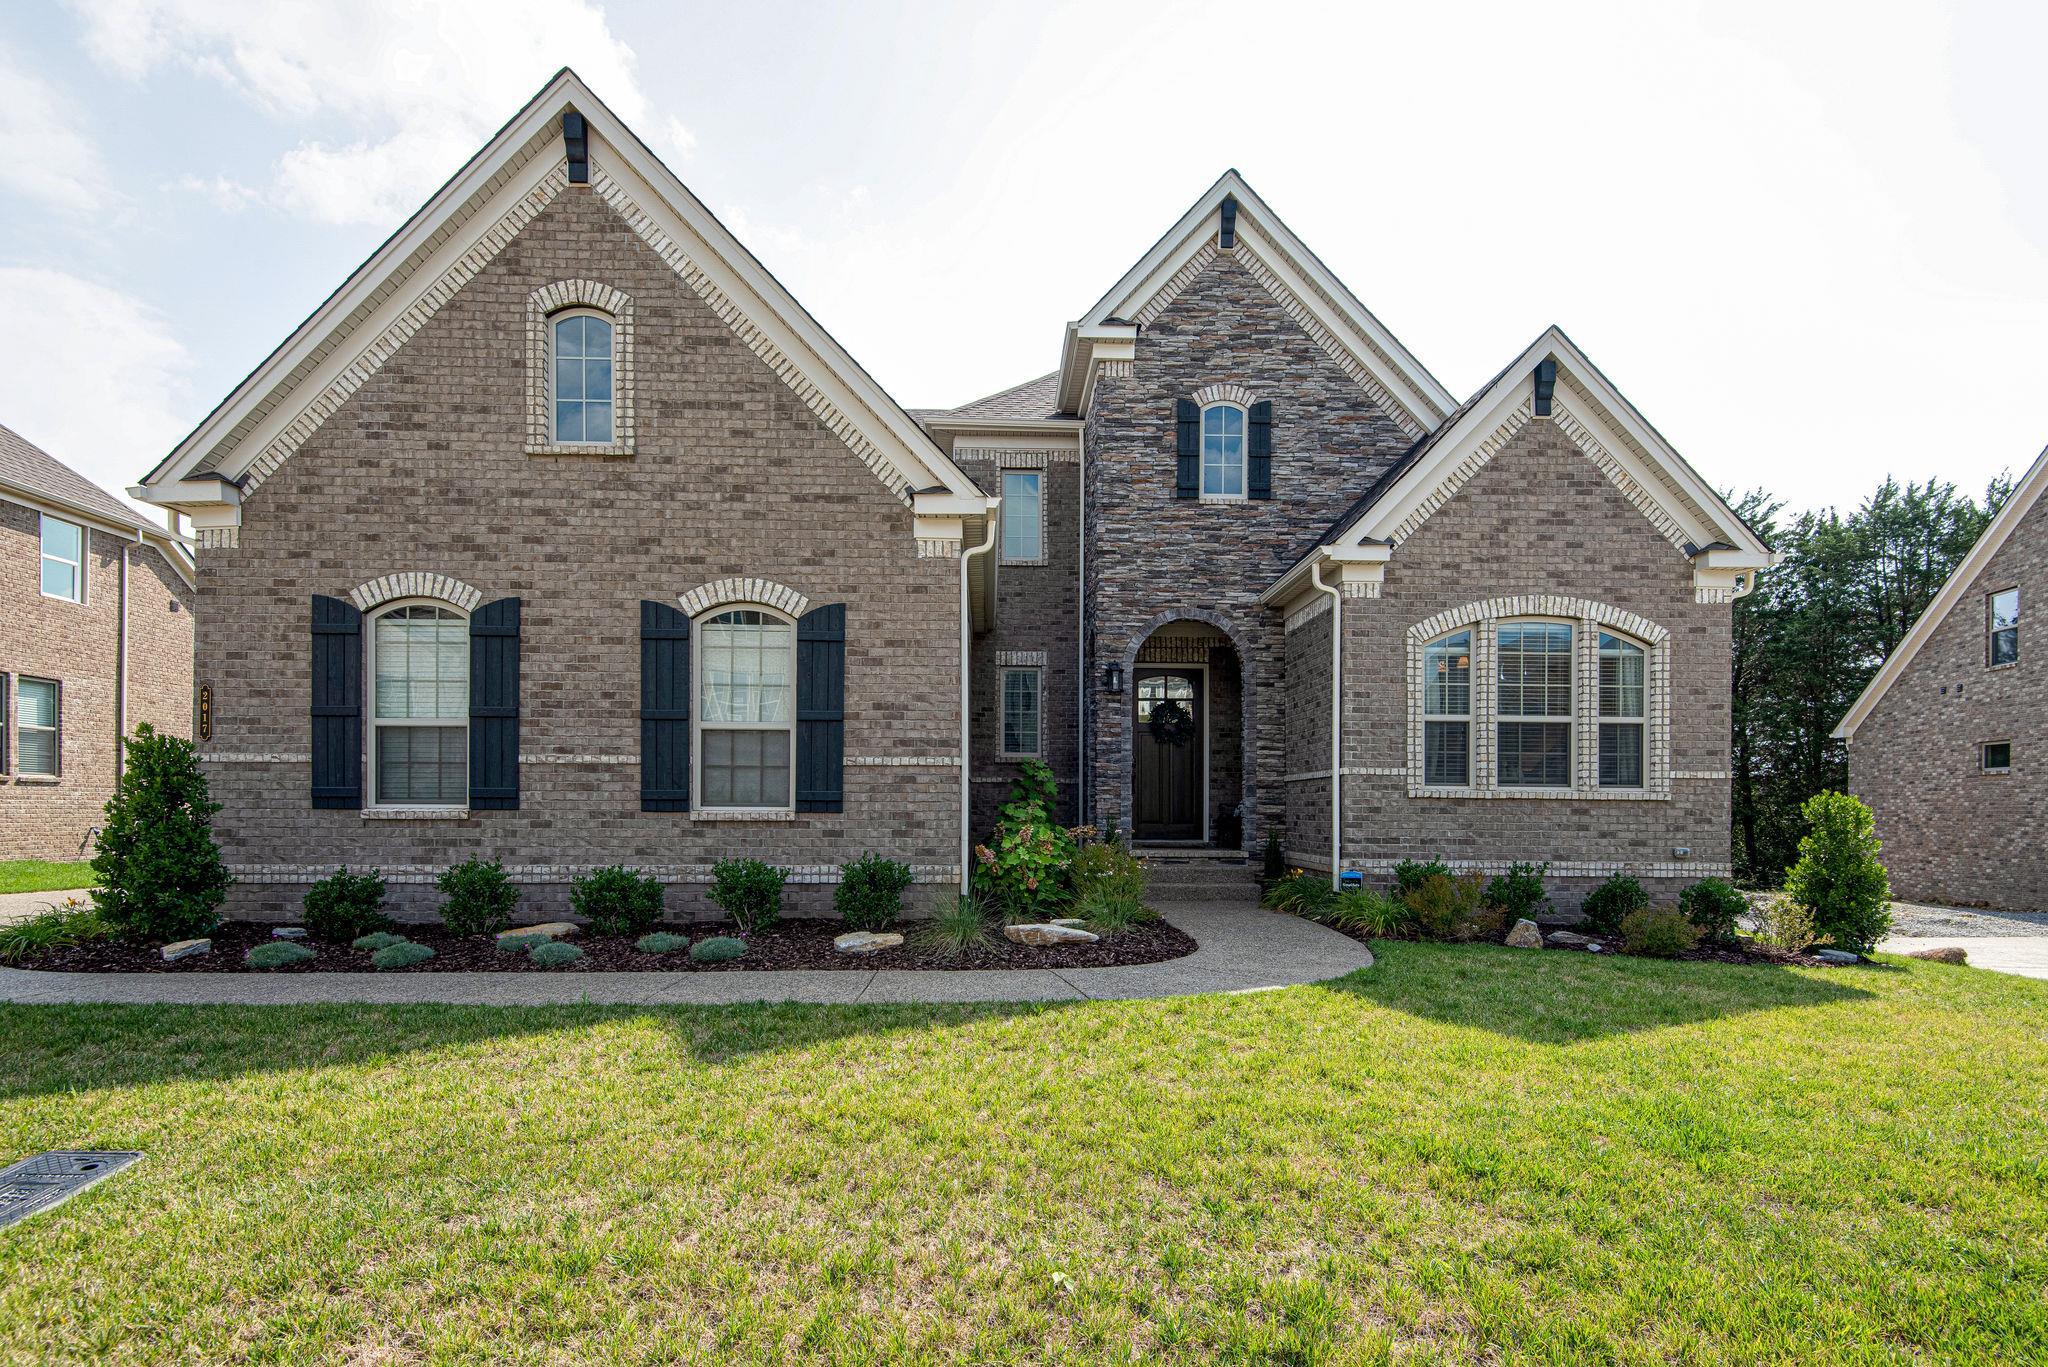 2017 Belsford Drive, Nolensville, TN 37135 - Nolensville, TN real estate listing